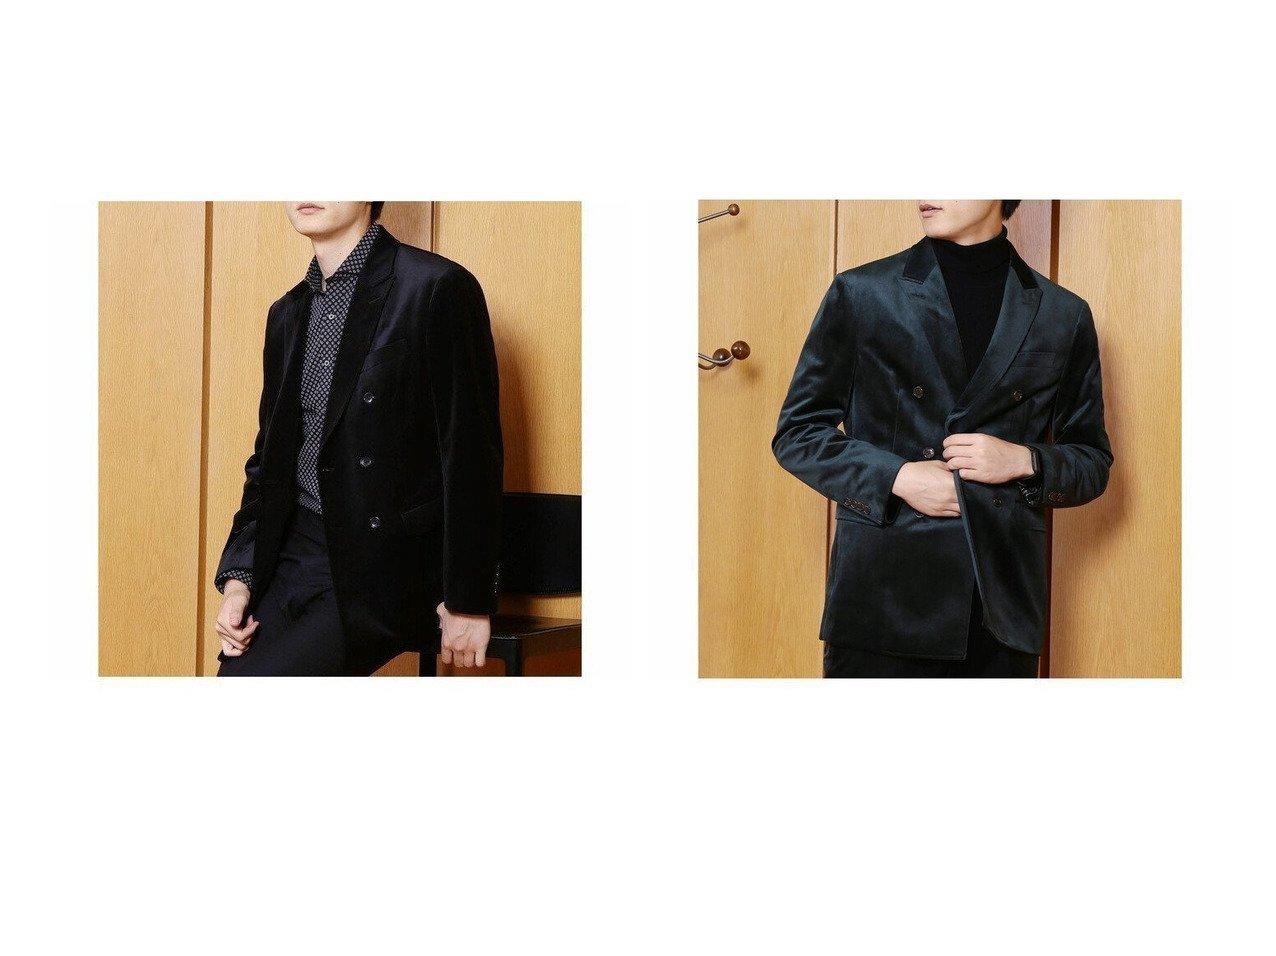 【CROWDED CLOSET / MEN/クラウデッド クローゼット】のコーデュロイベルベットダブルジャケット 【MEN】男性のおすすめ!人気、メンズファッションの通販 おすすめで人気のファッション通販商品 インテリア・家具・キッズファッション・メンズファッション・レディースファッション・服の通販 founy(ファニー) https://founy.com/ ファッション Fashion メンズ MEN アウター Coats Outerwear Men インナー コーデュロイ ジャケット ジャージ ストレッチ セットアップ ダブル フォーマル ベスト ベルベット |ID:crp329100000005237